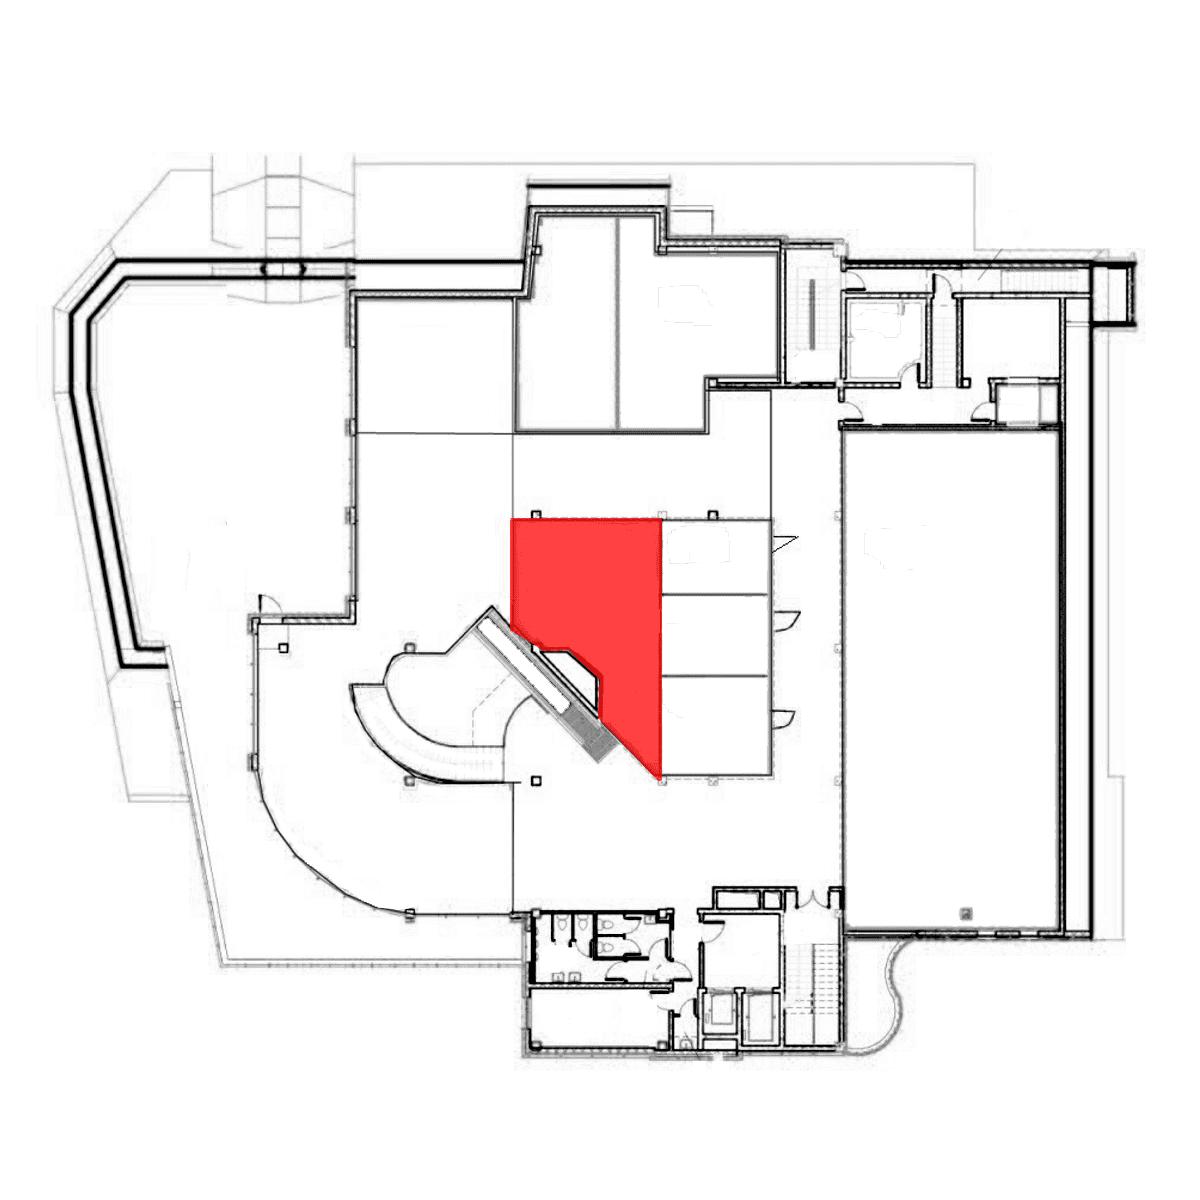 аренда помещения 5 этаж 50 м2